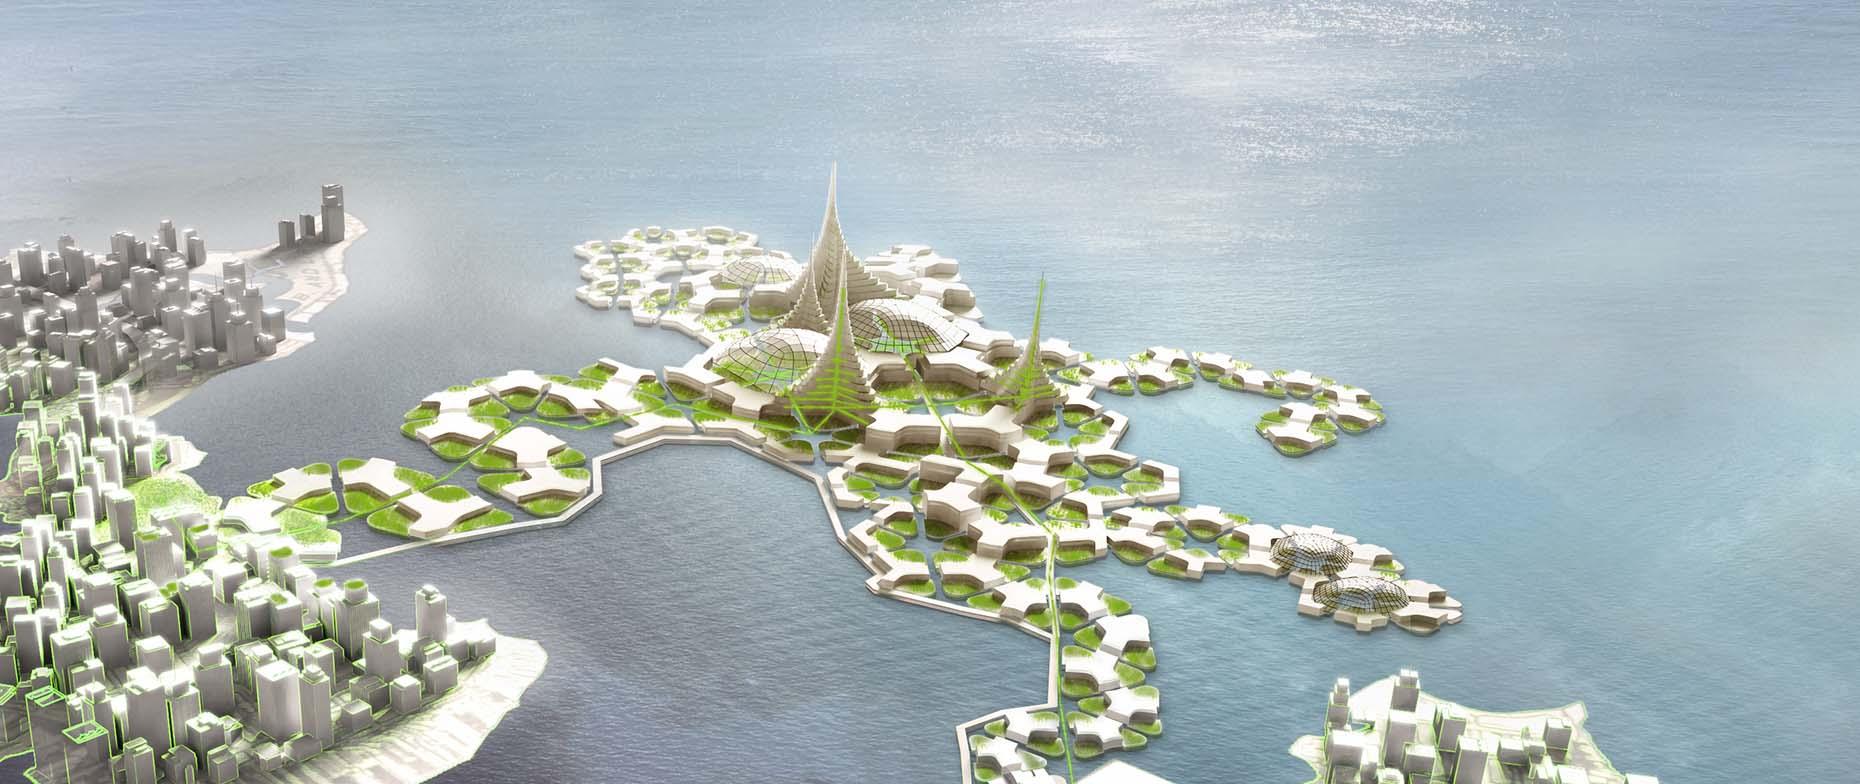 Blue21でオランダの技師が開発した中期将来の「シーステッド」コンセプト